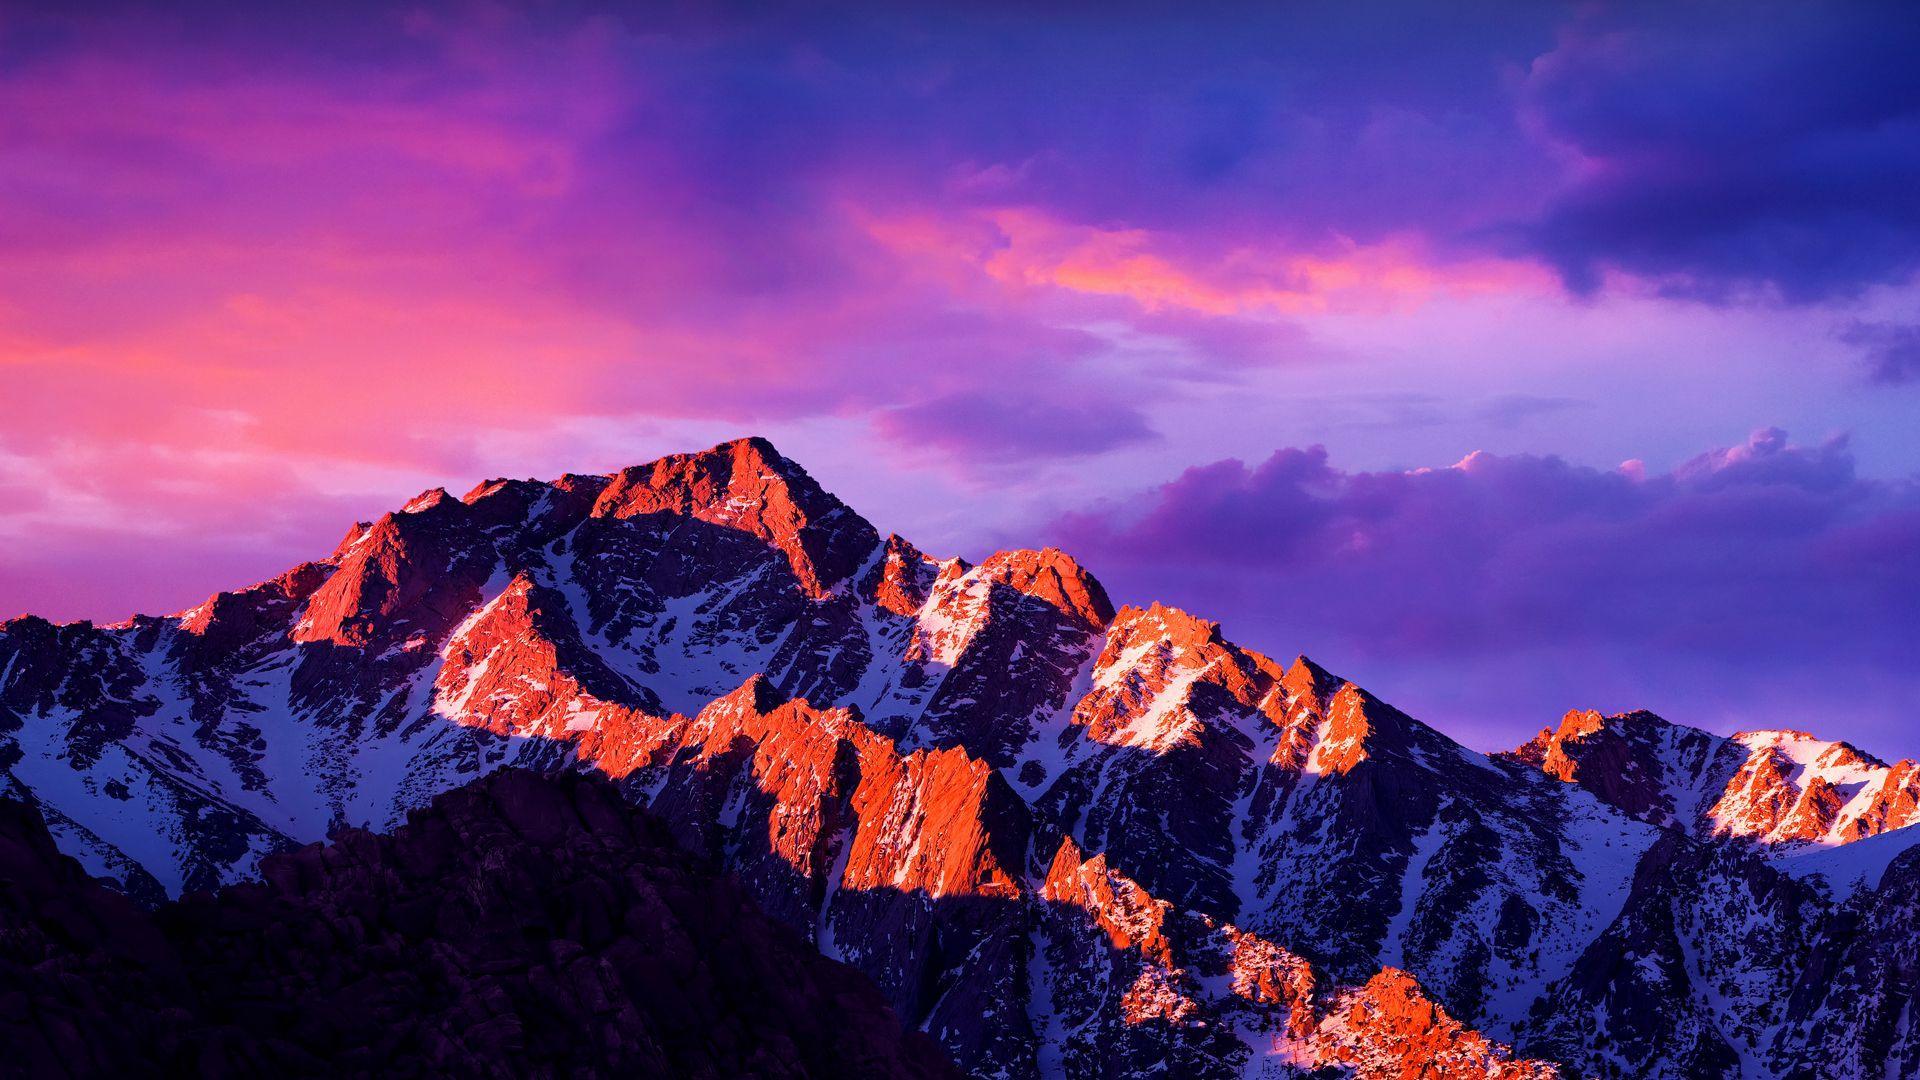 Mac Desktop Wallpapers Top Free Mac Desktop Backgrounds